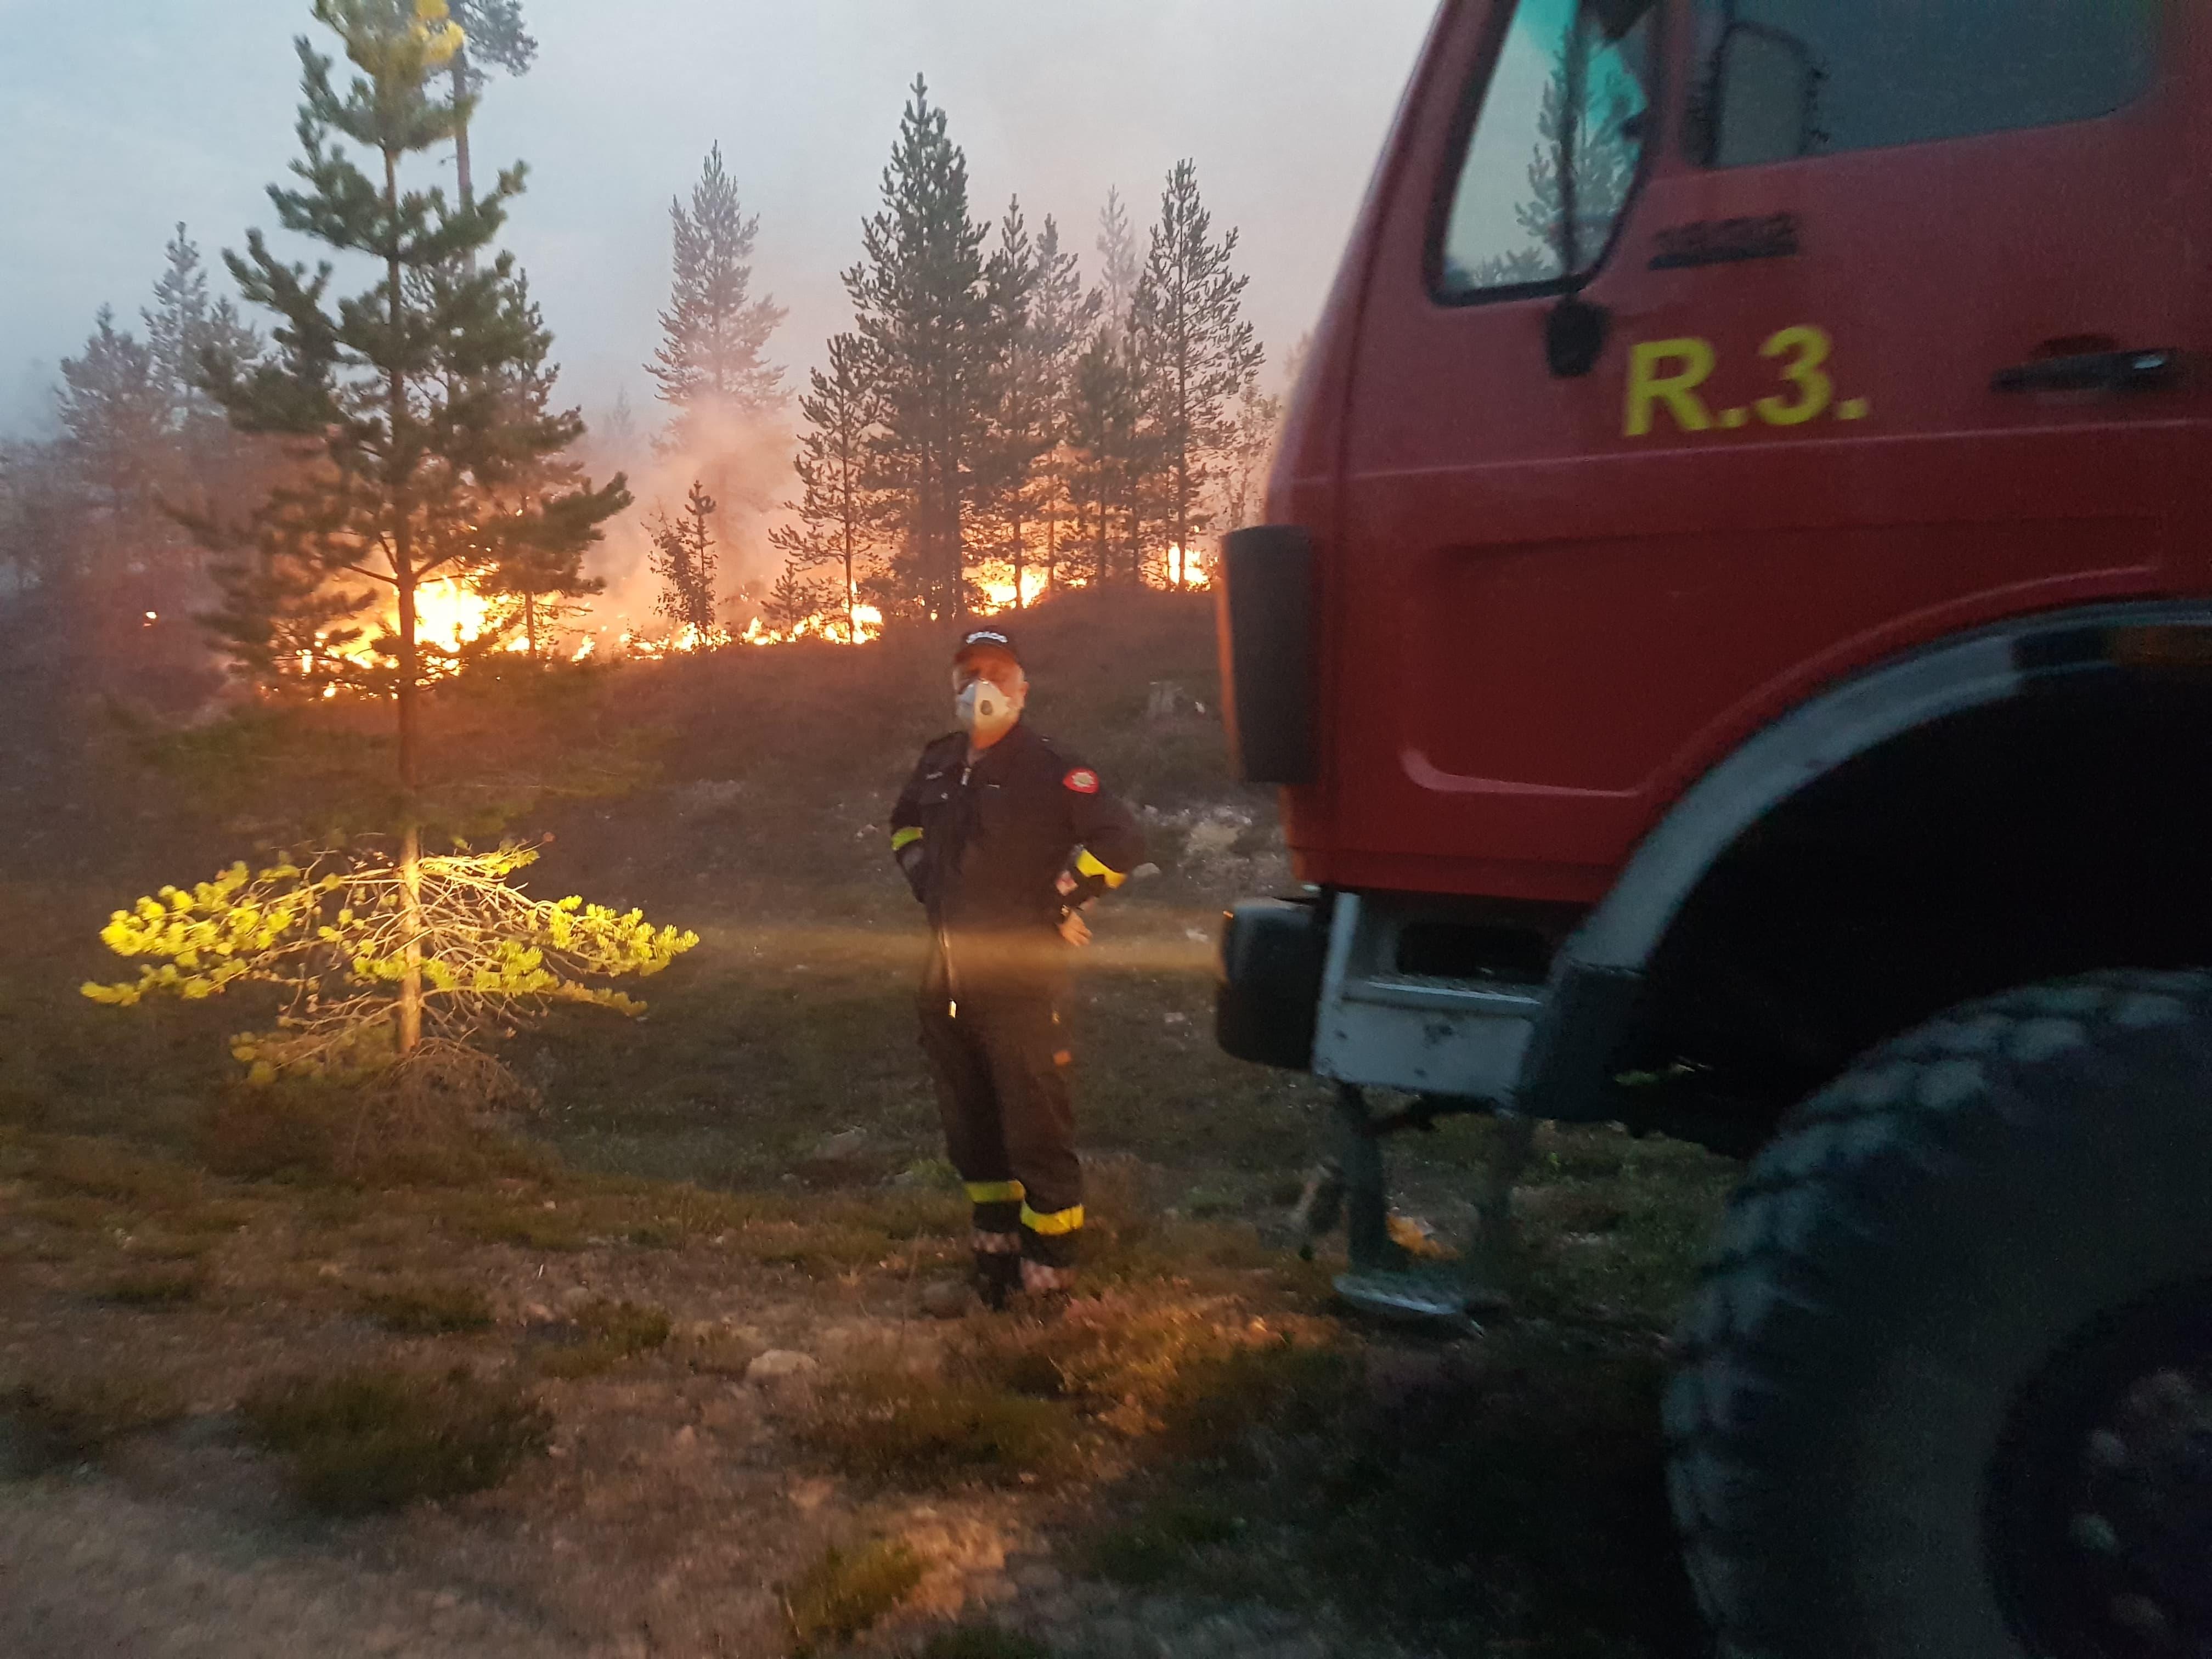 Brannbilen tilhørende Os kommune som viste seg å være spesielt godt egnet til slokking av skogbrannen i Sverige, og ble derfor brukt mye i innsatsen i Sverige.